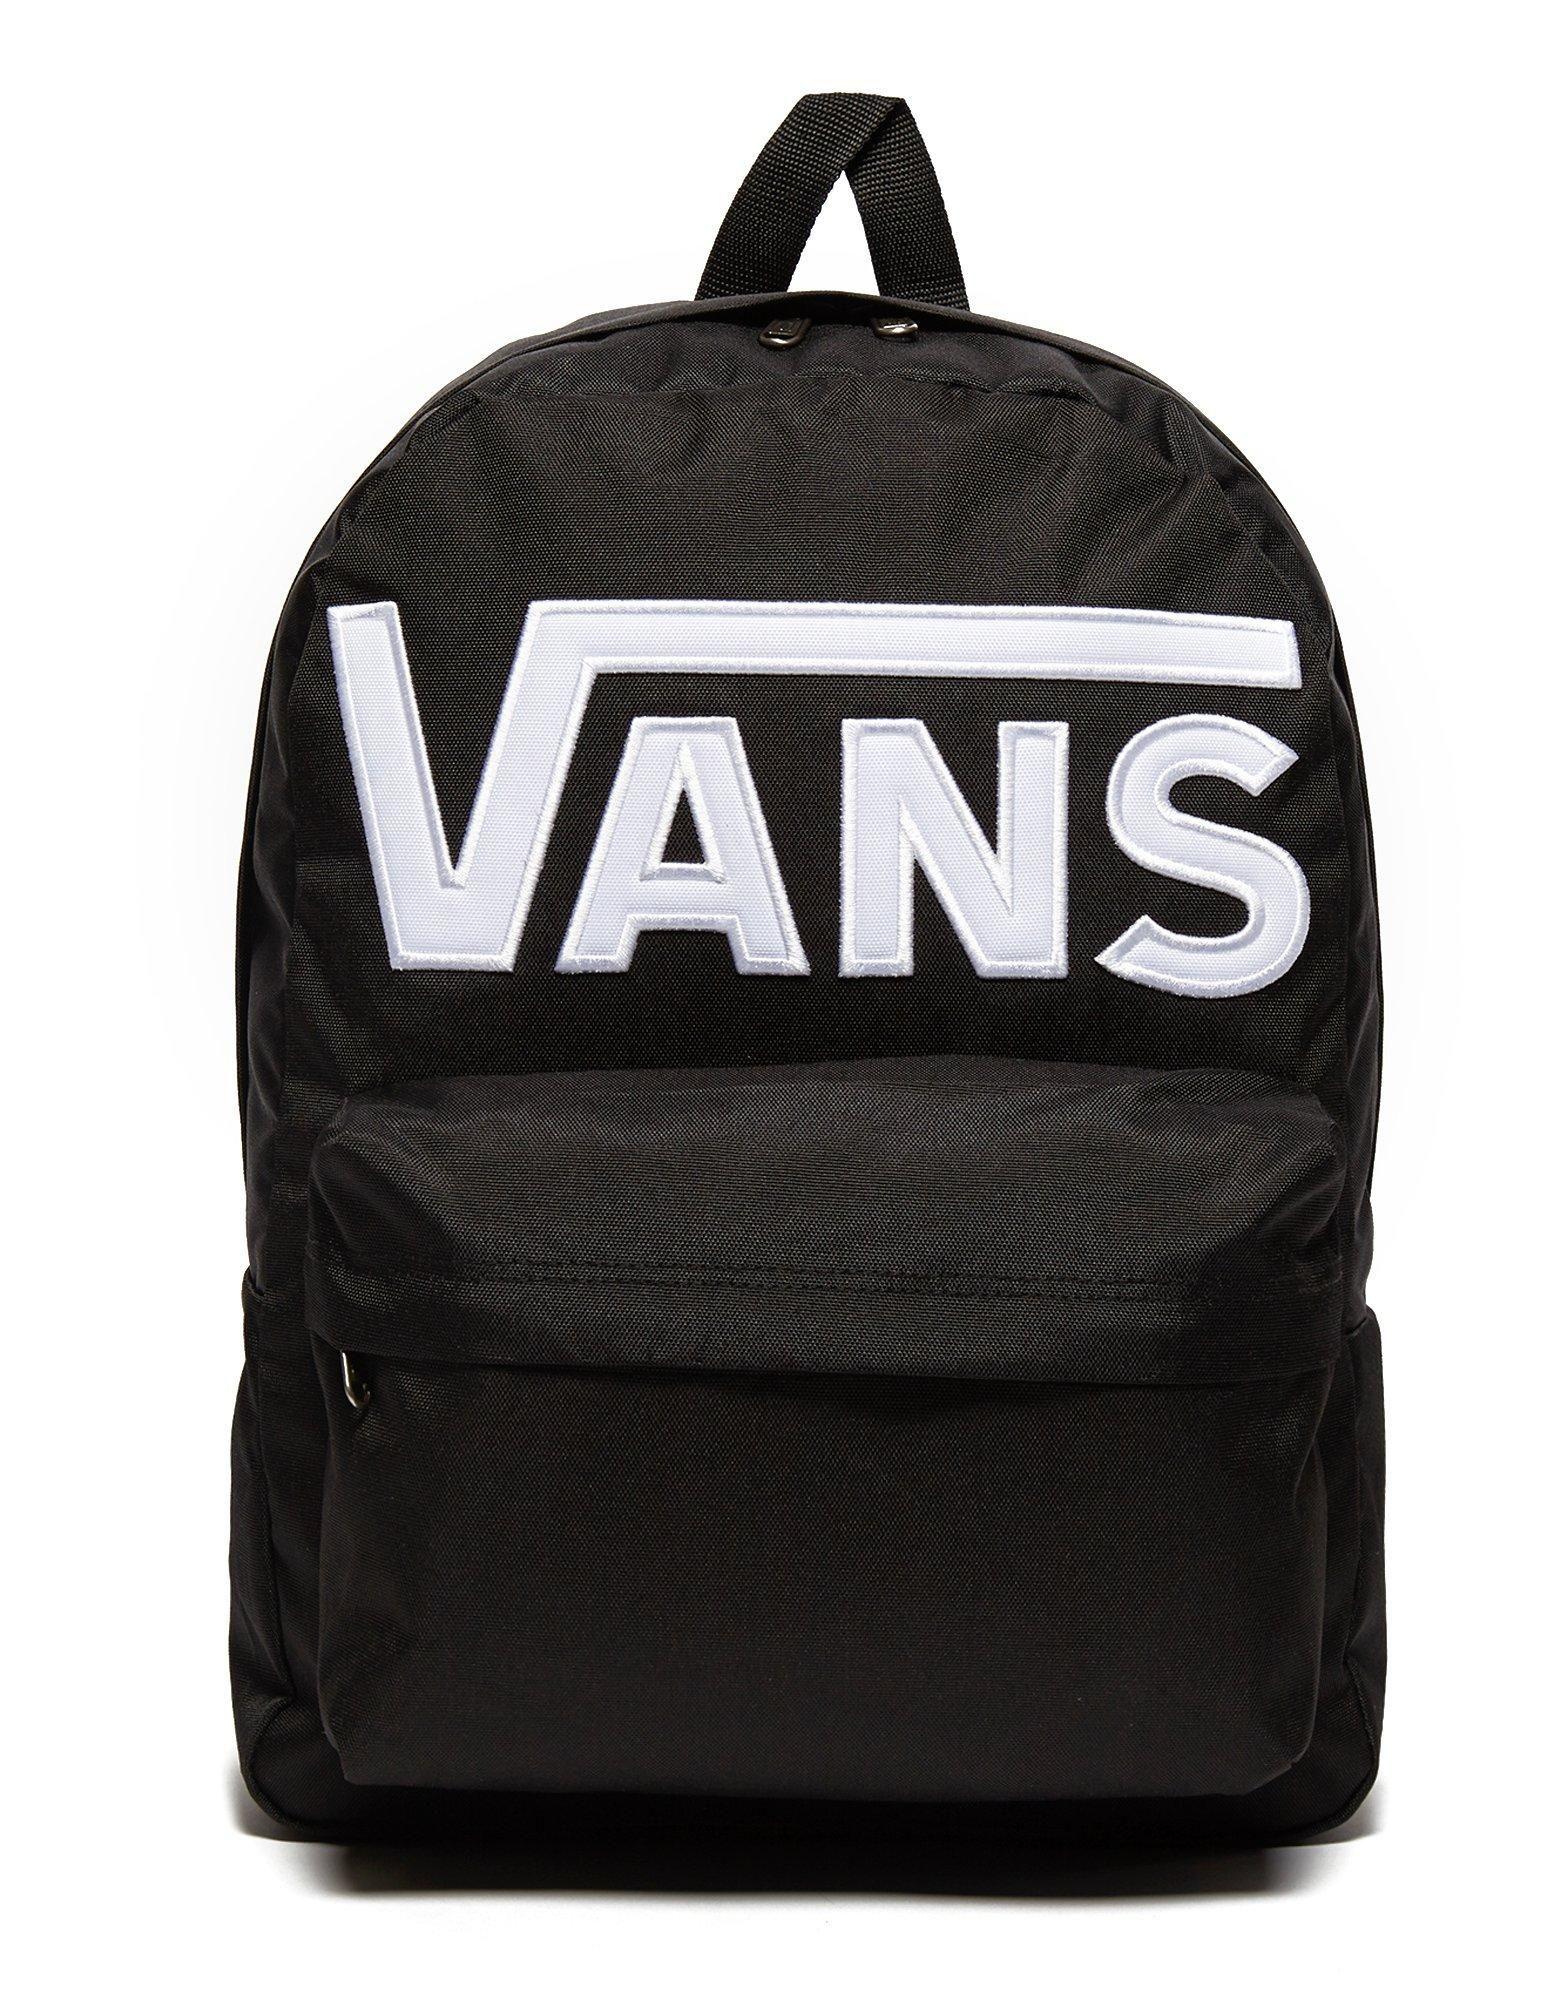 vans school